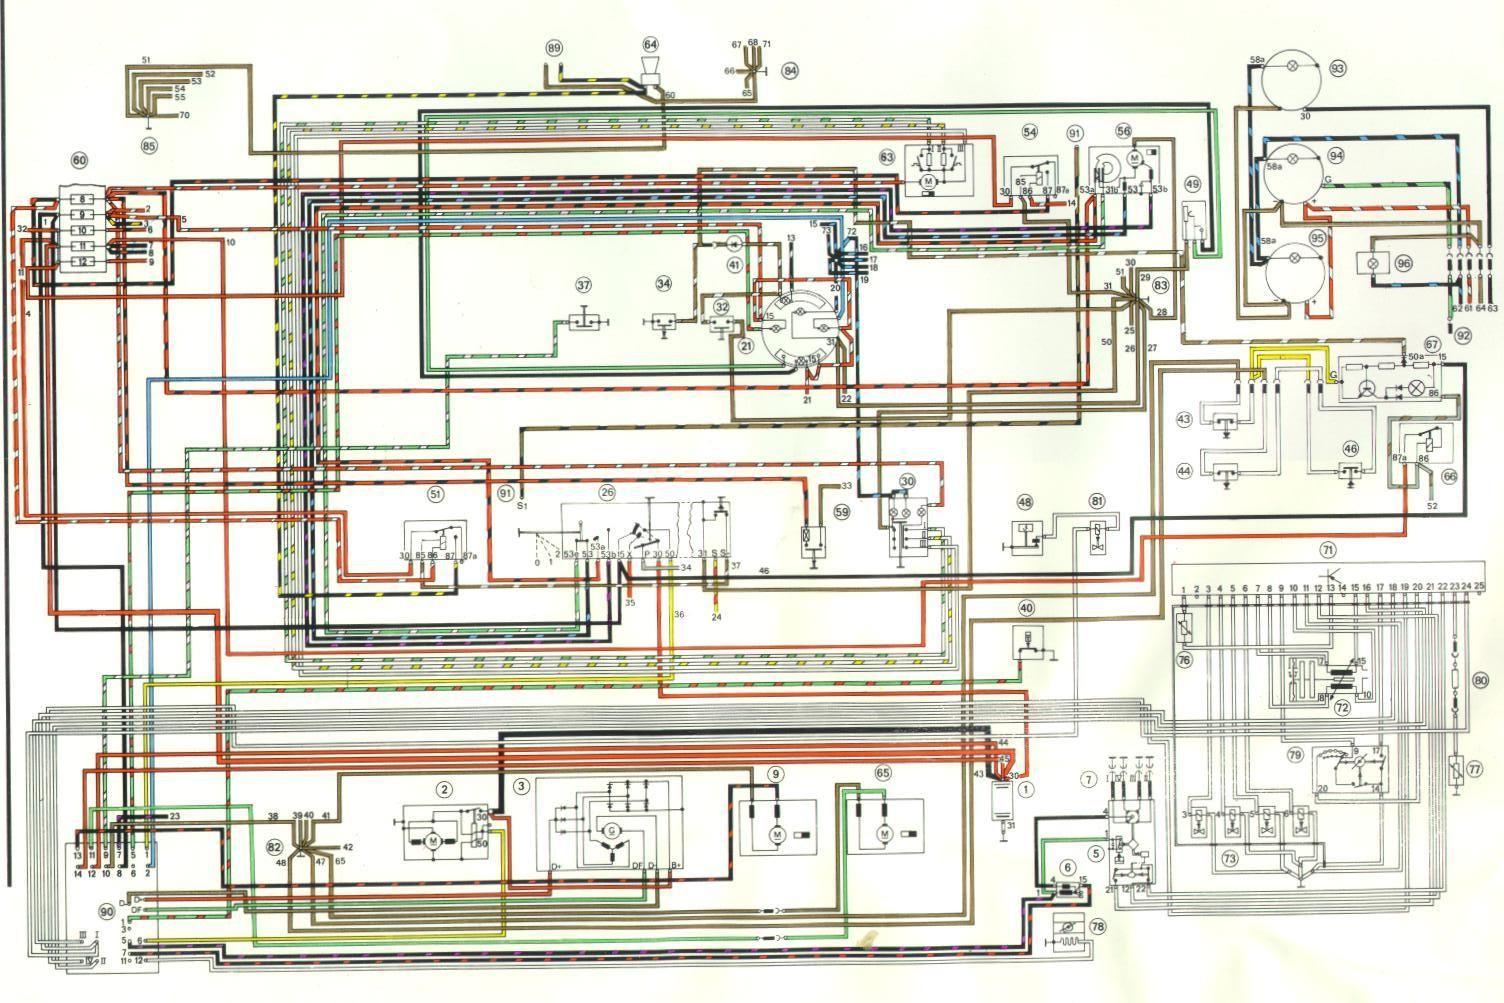 Porsche Wiring Diagram Traxxas Ez Start Electric 73 914 Electrical Diagrams U002773 Porsche73